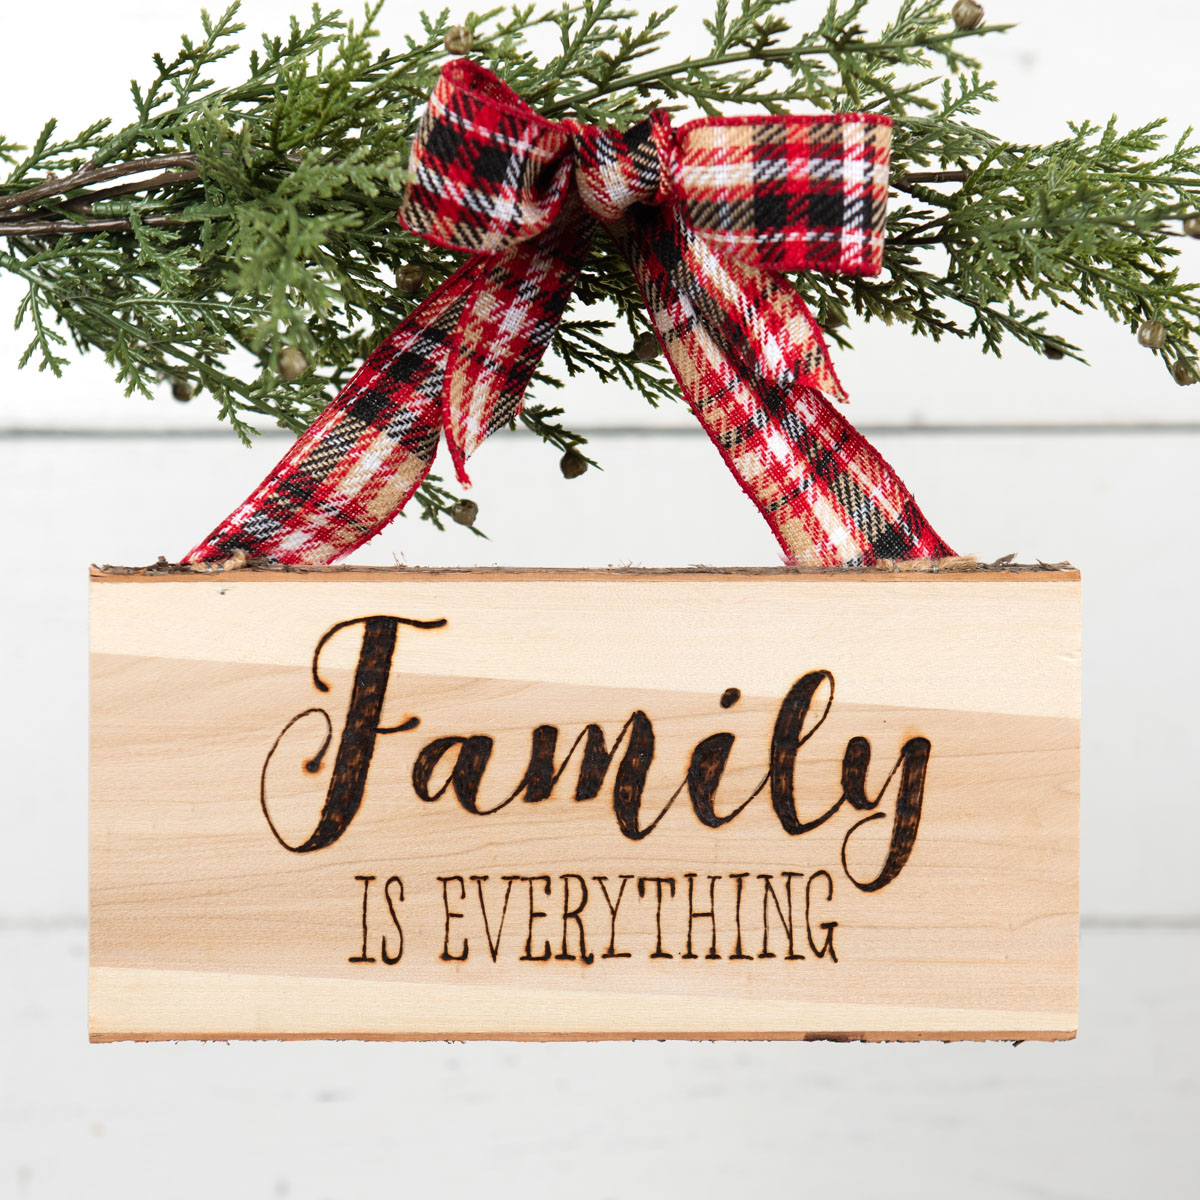 Family Wood Burned Sign Christmas DIY